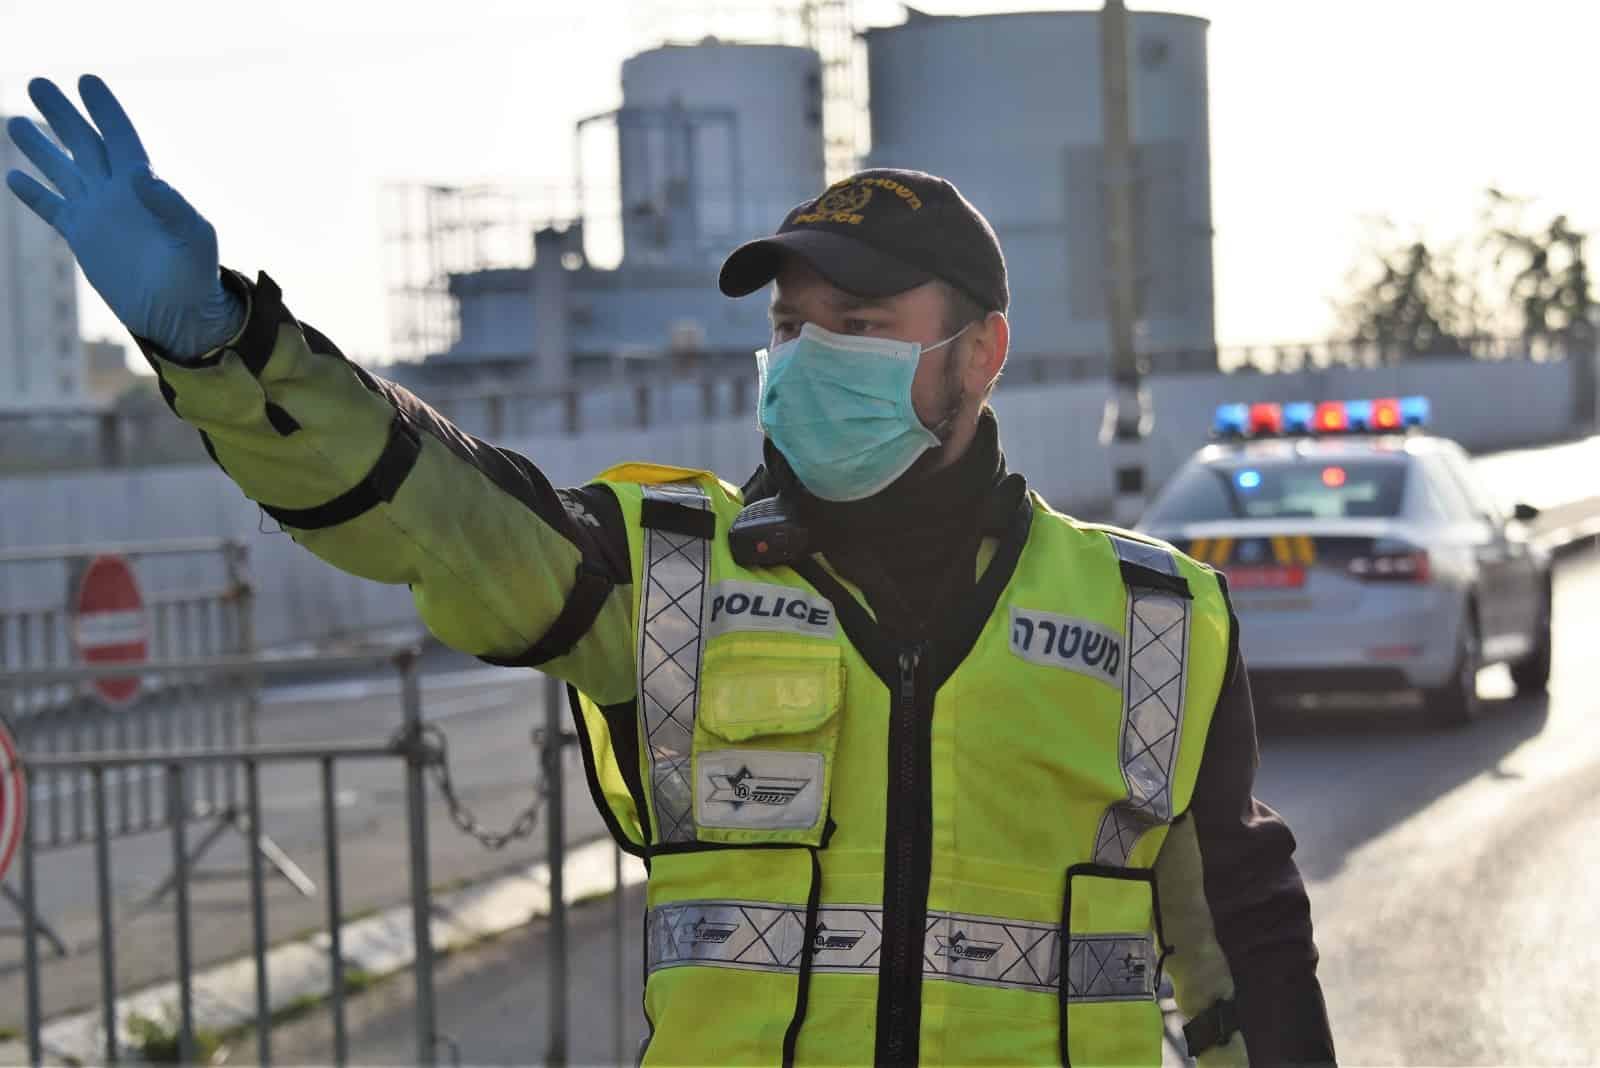 שוטר במחסום קורונה בני ברק. צילום משטרה